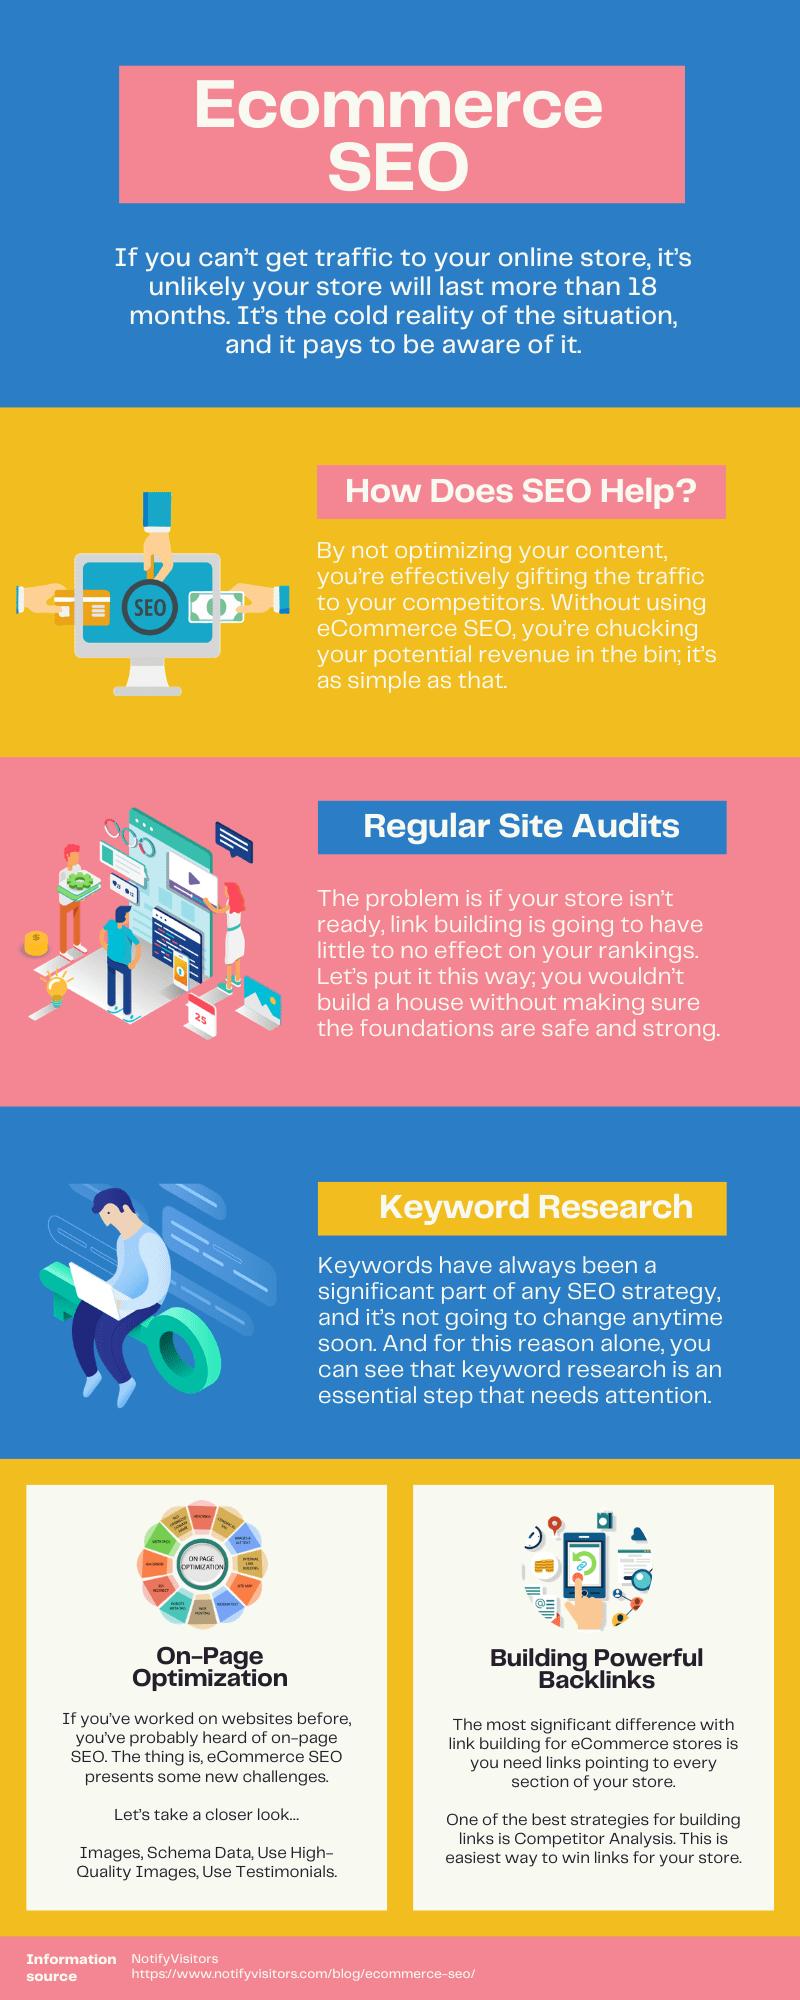 Ecommerce SEO infographic